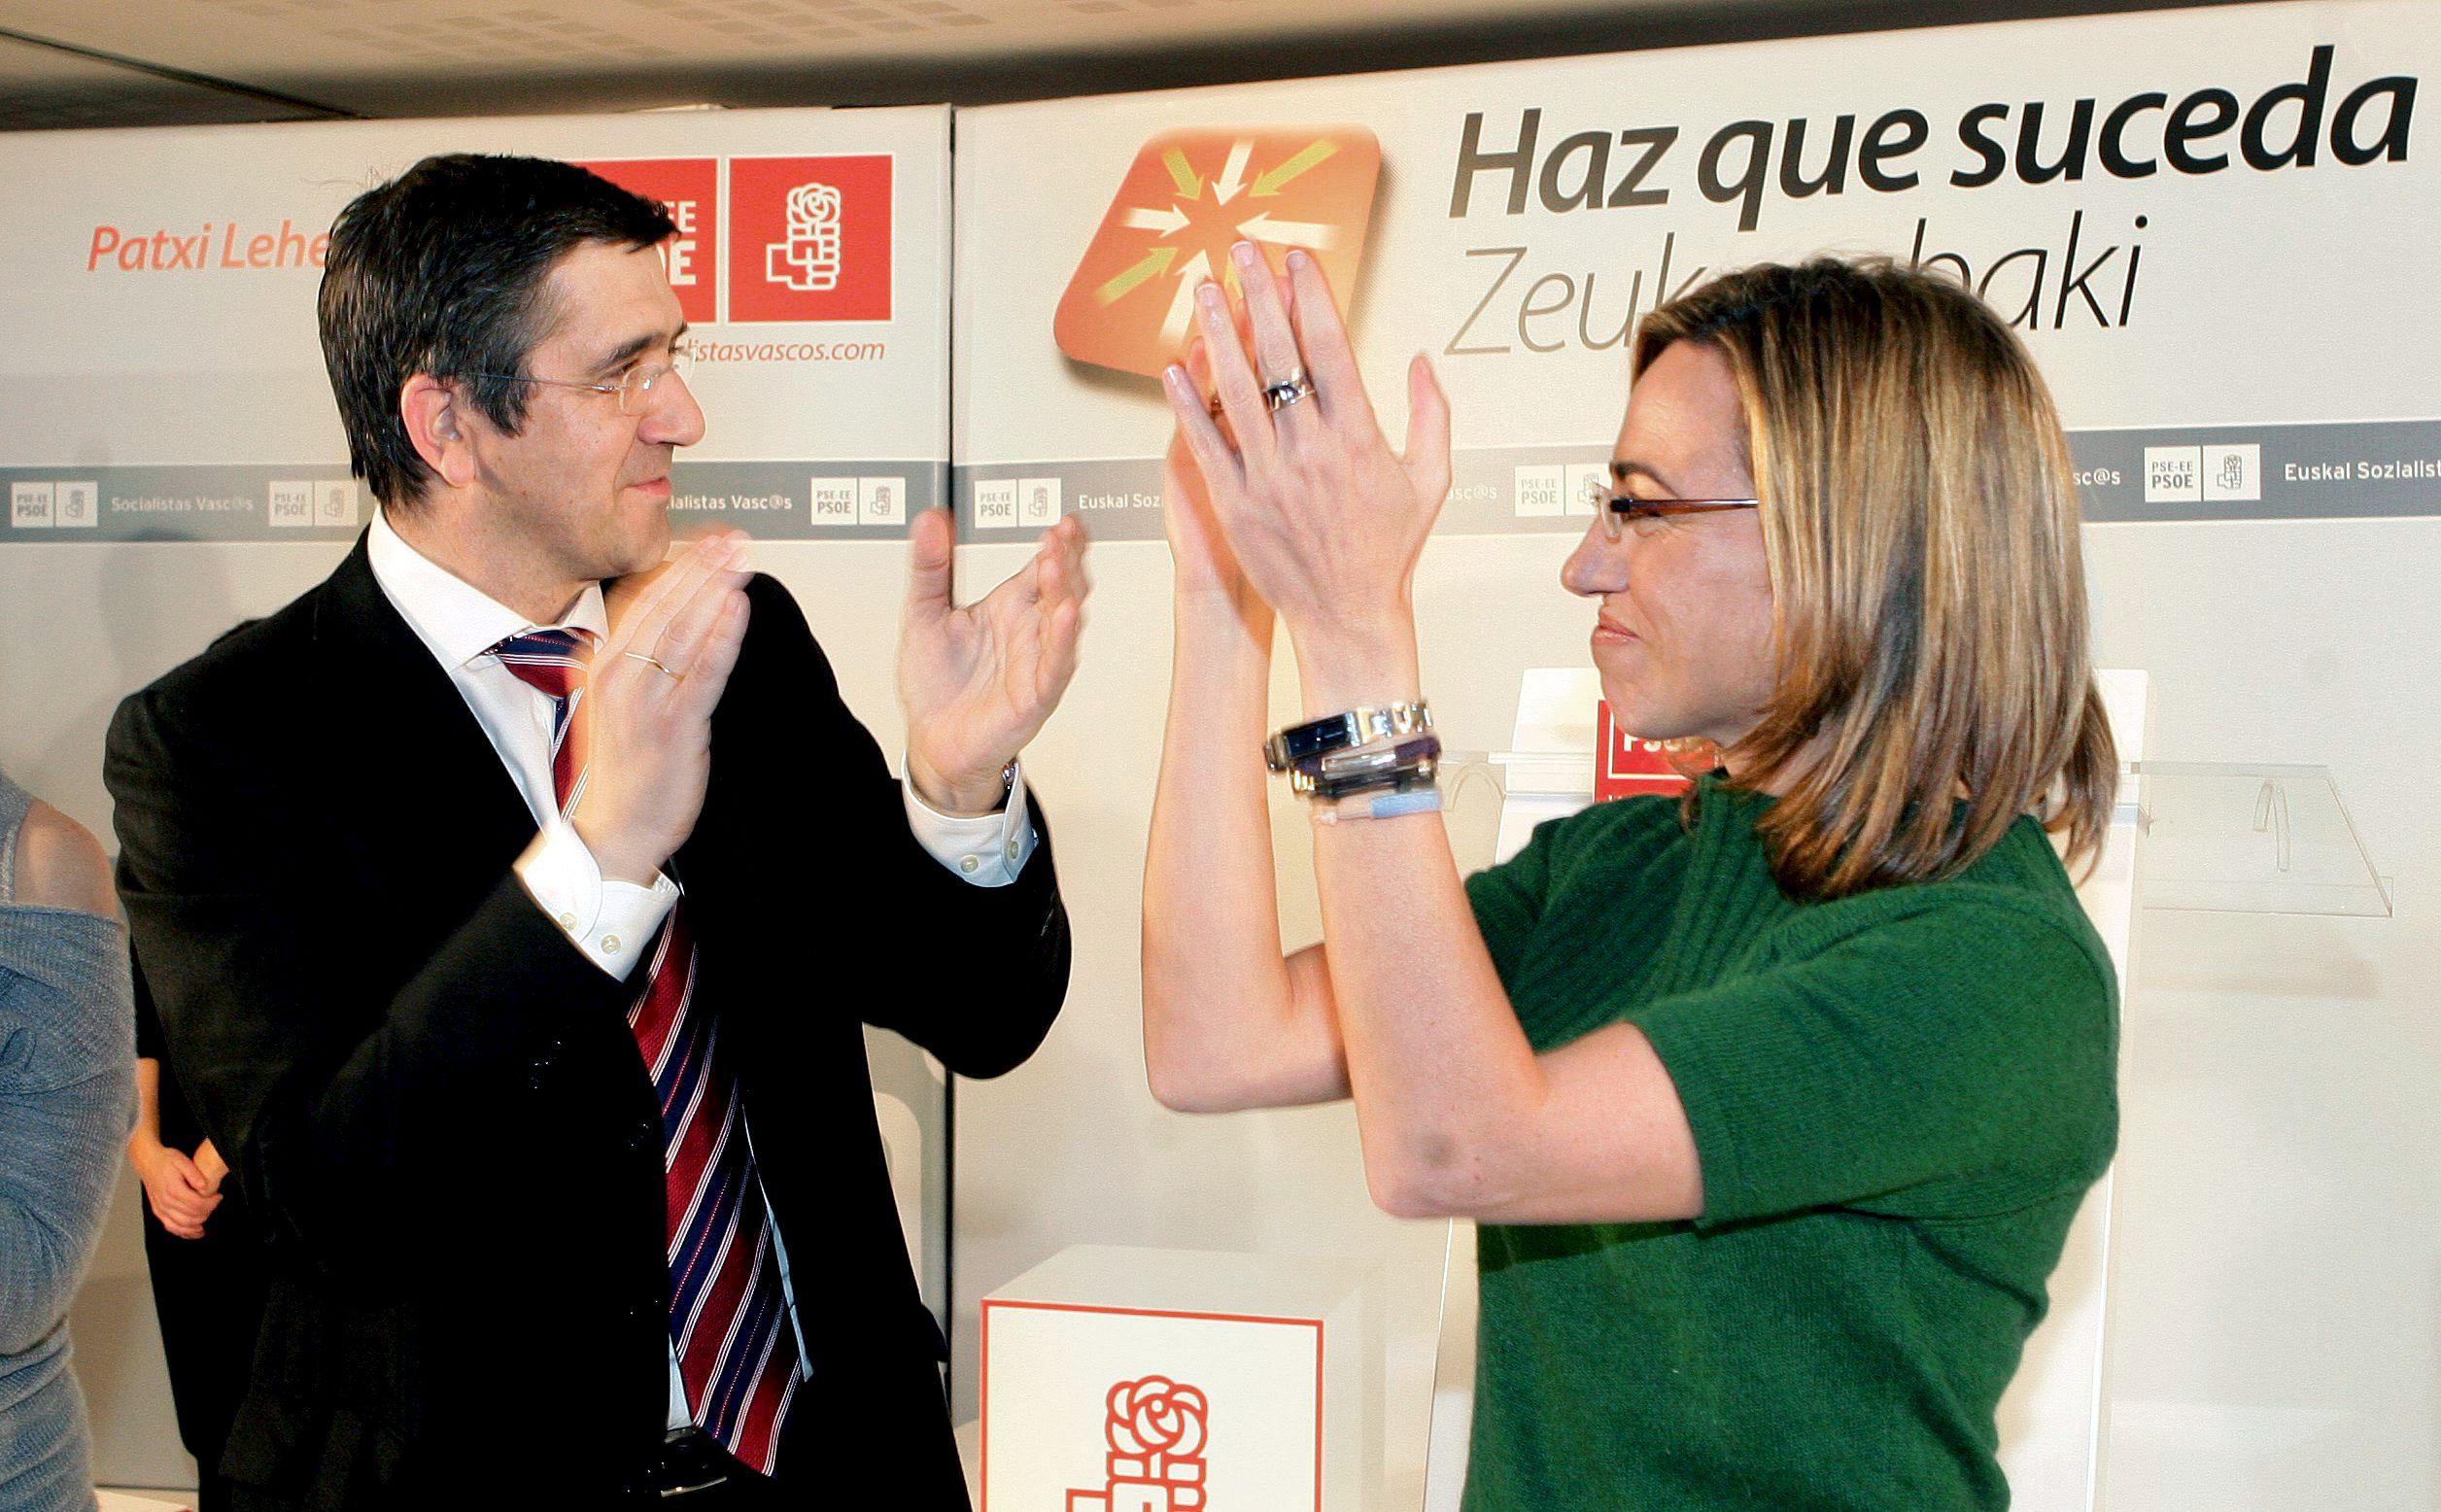 Izquierda Socialista prevé unas primarias entre Patxi López y Chacón